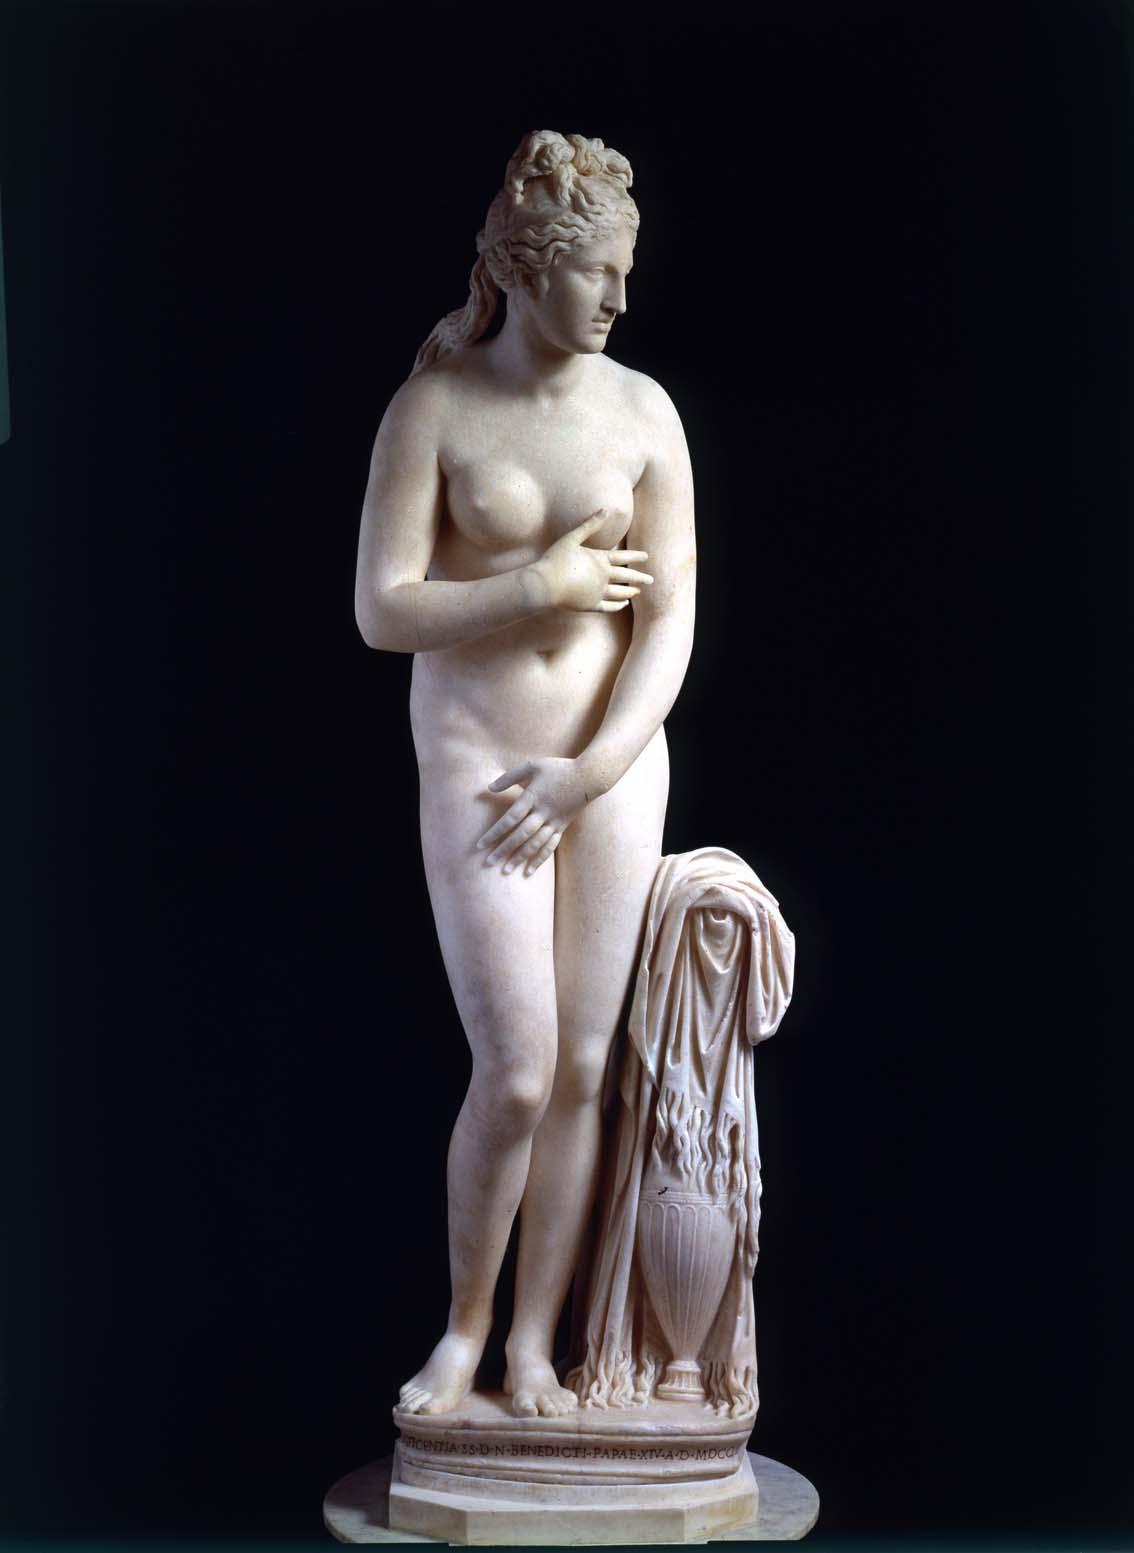 Venus Capitolina, primera mitad del siglo II d.C., mármol de Paros, 193 cm de altura, Roma, Museo Capitolino.